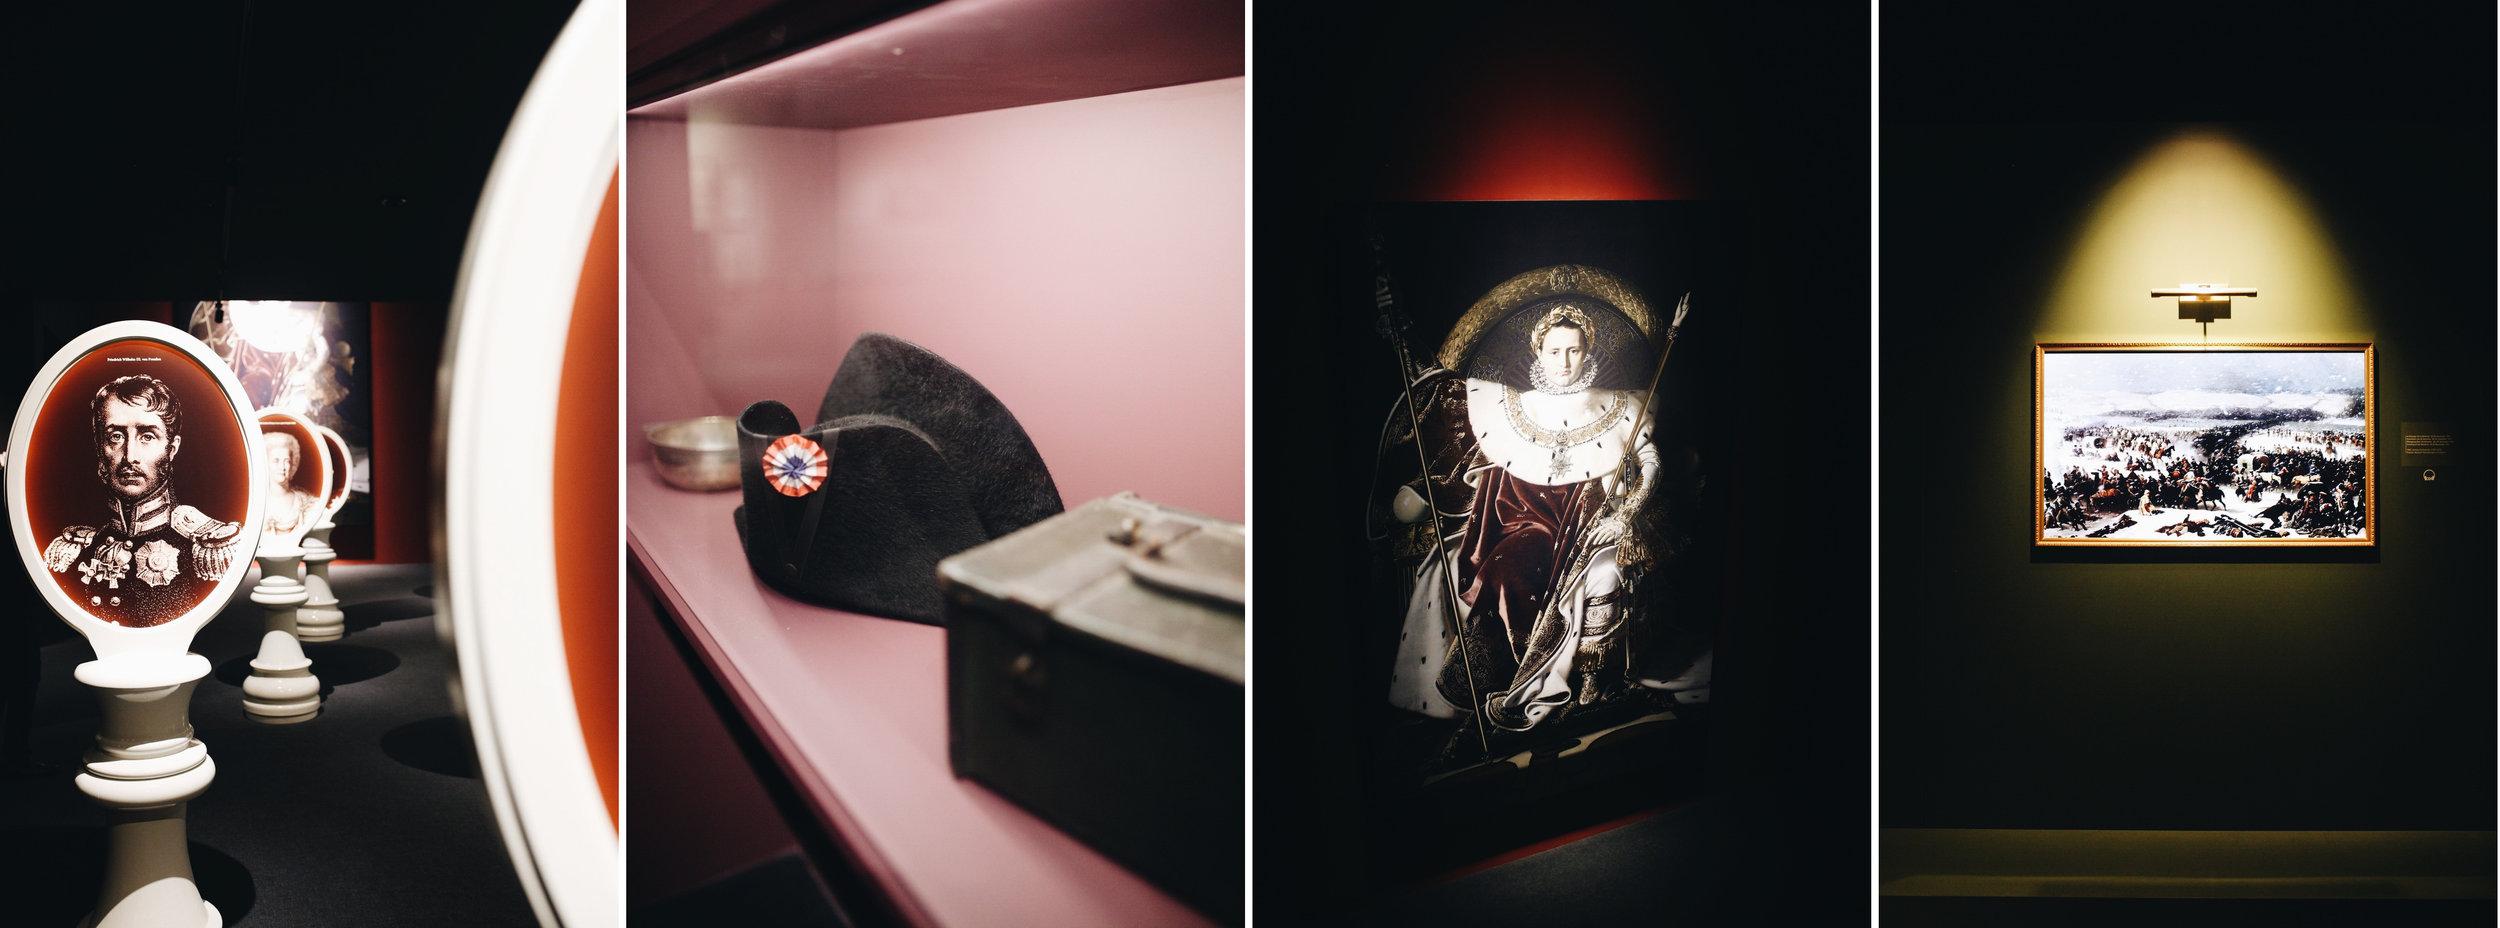 waterloo-musée-mémorial-1815-visite-voyage-belgique.JPG